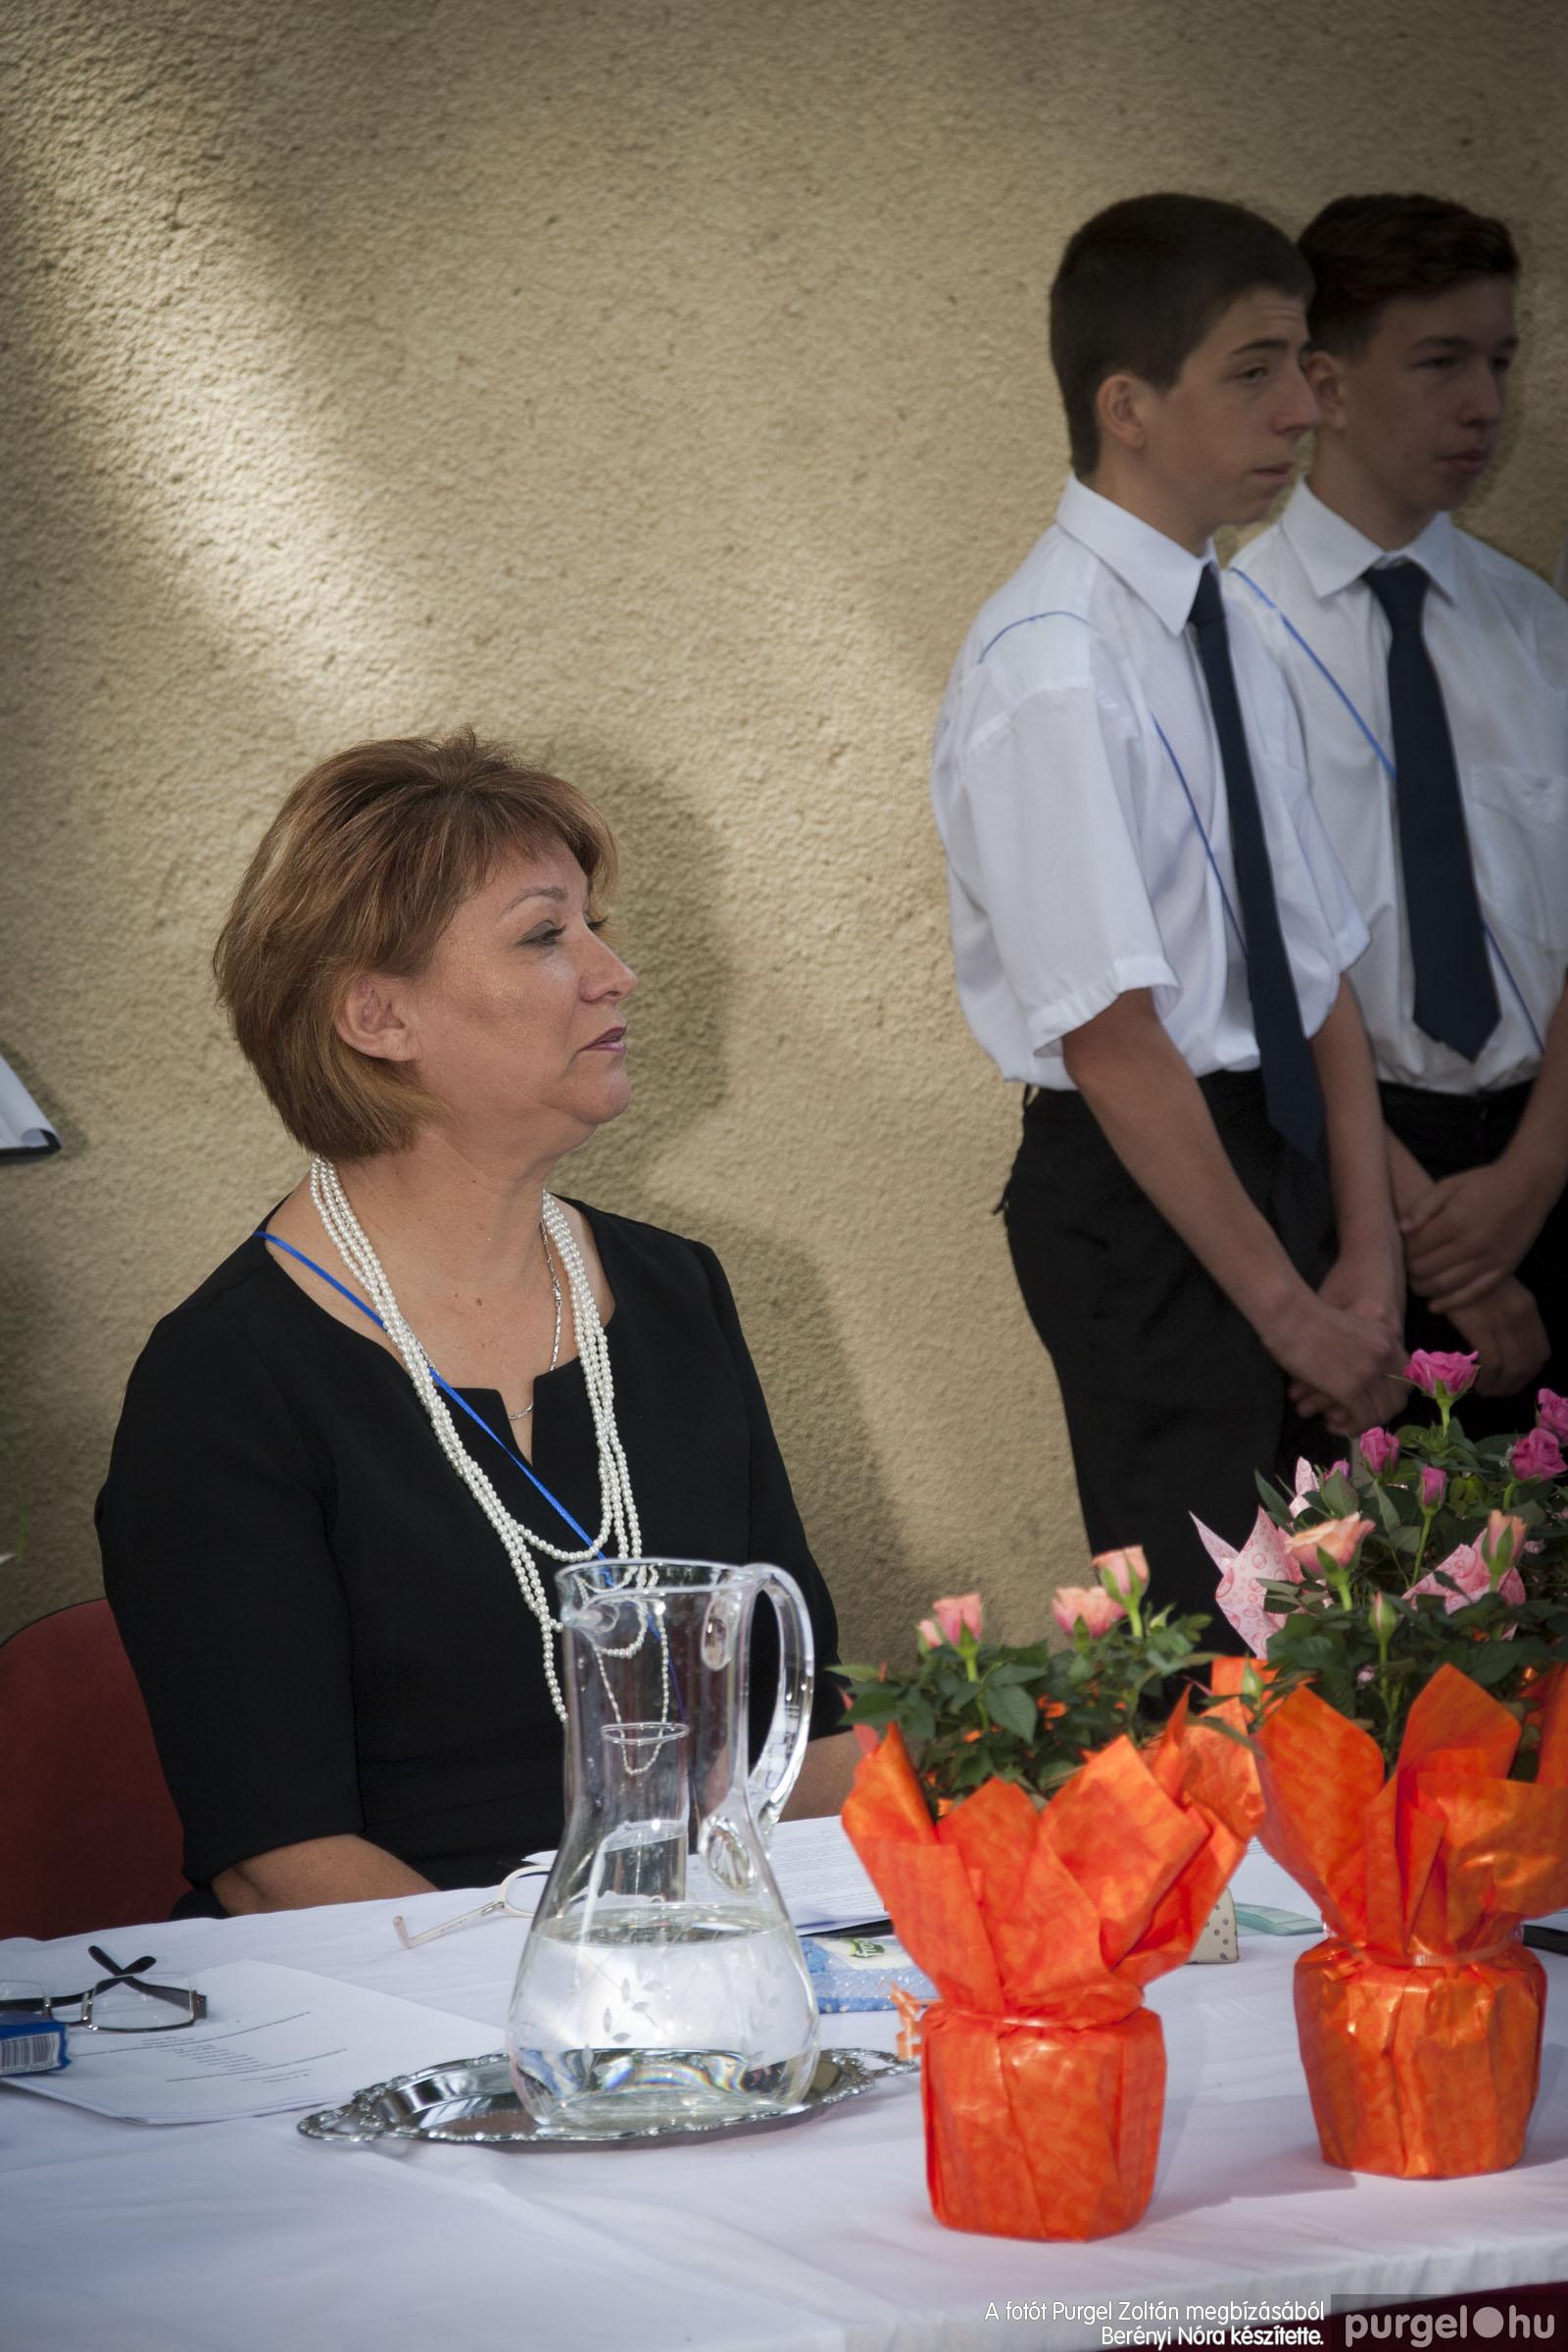 2014.06.14. 189 Forray Máté Általános Iskola ballagás 2014. - Fotó:BERÉNYI NÓRA© _MG_5820.jpg